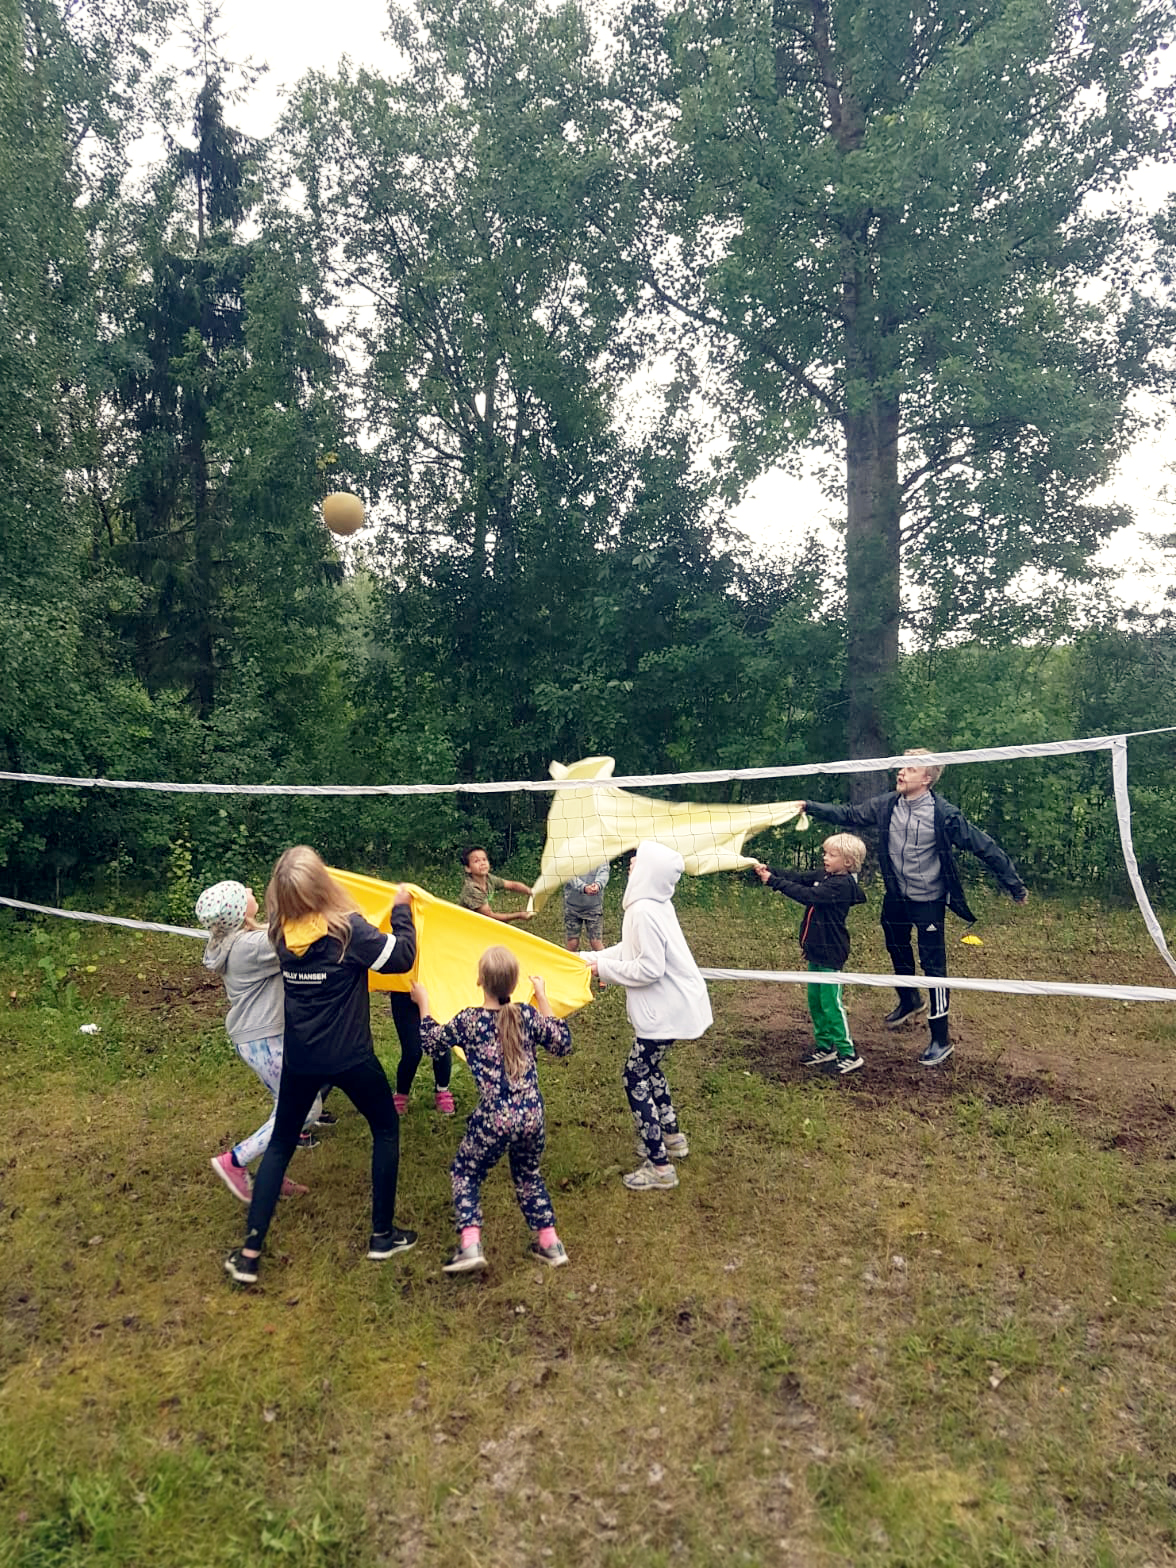 Yläkentän lentopallo- ja sulkapalloverkot ja lapsia pelaamassa lakanapallo-peliä